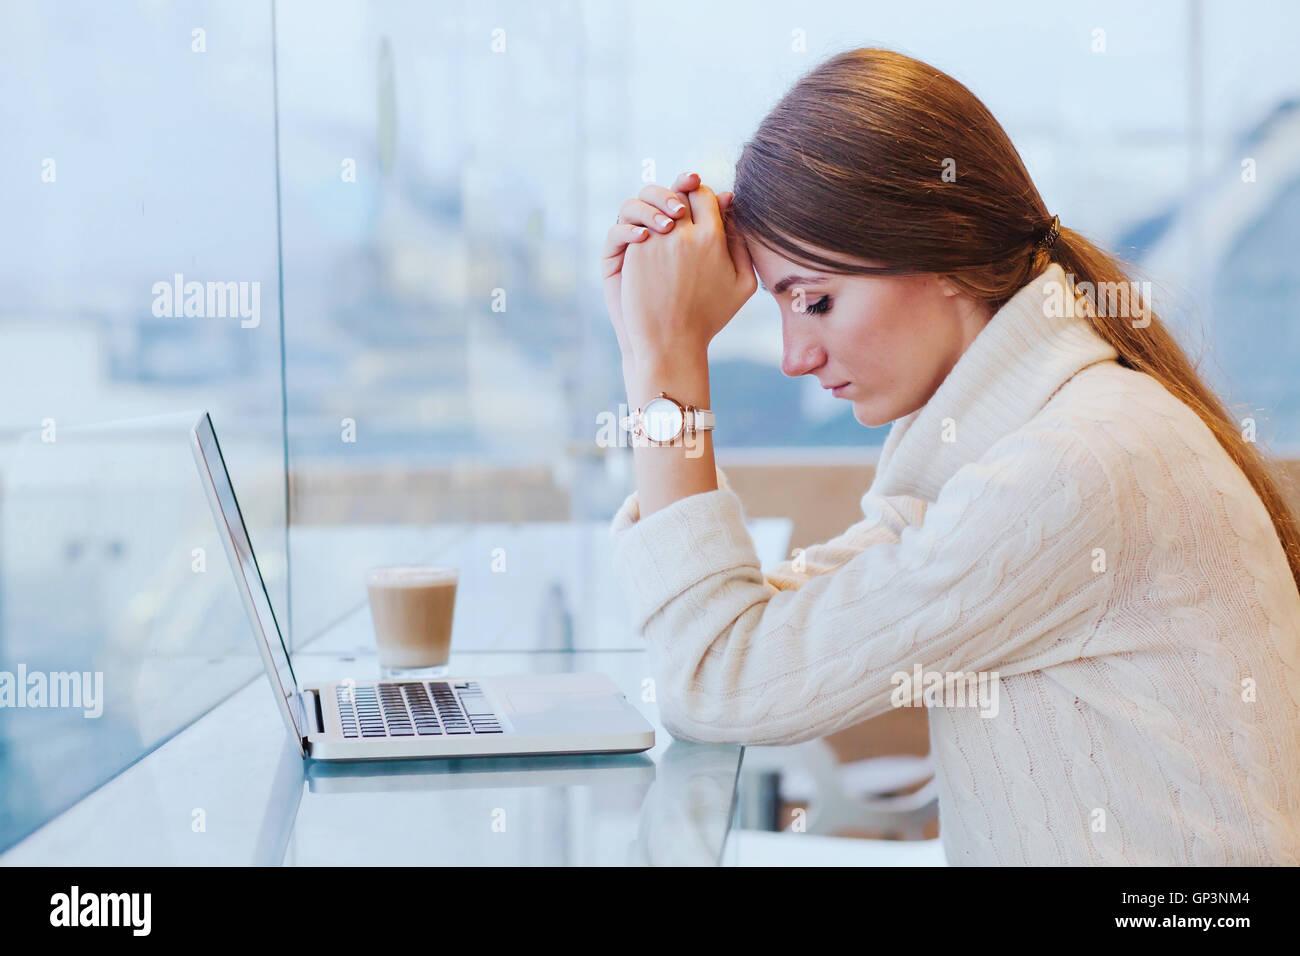 Sovraccarico di informazioni, il concetto di stress, triste disperata donna nella parte anteriore del computer Immagini Stock